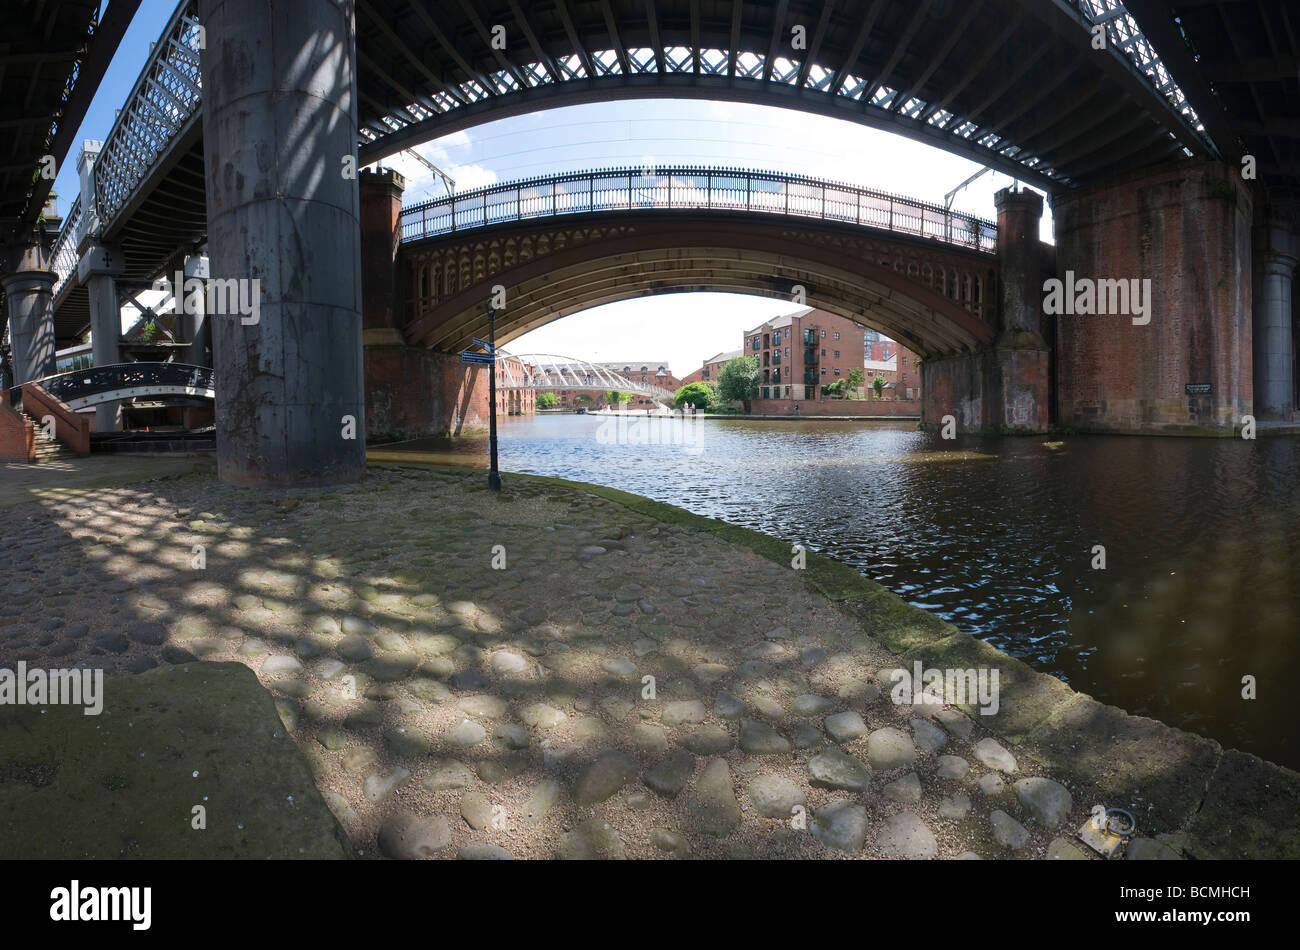 Mirando a través de victoriano viaductos ferroviarios hacia el Puente de los comerciantes en el Castlefield basin Manchester Foto de stock